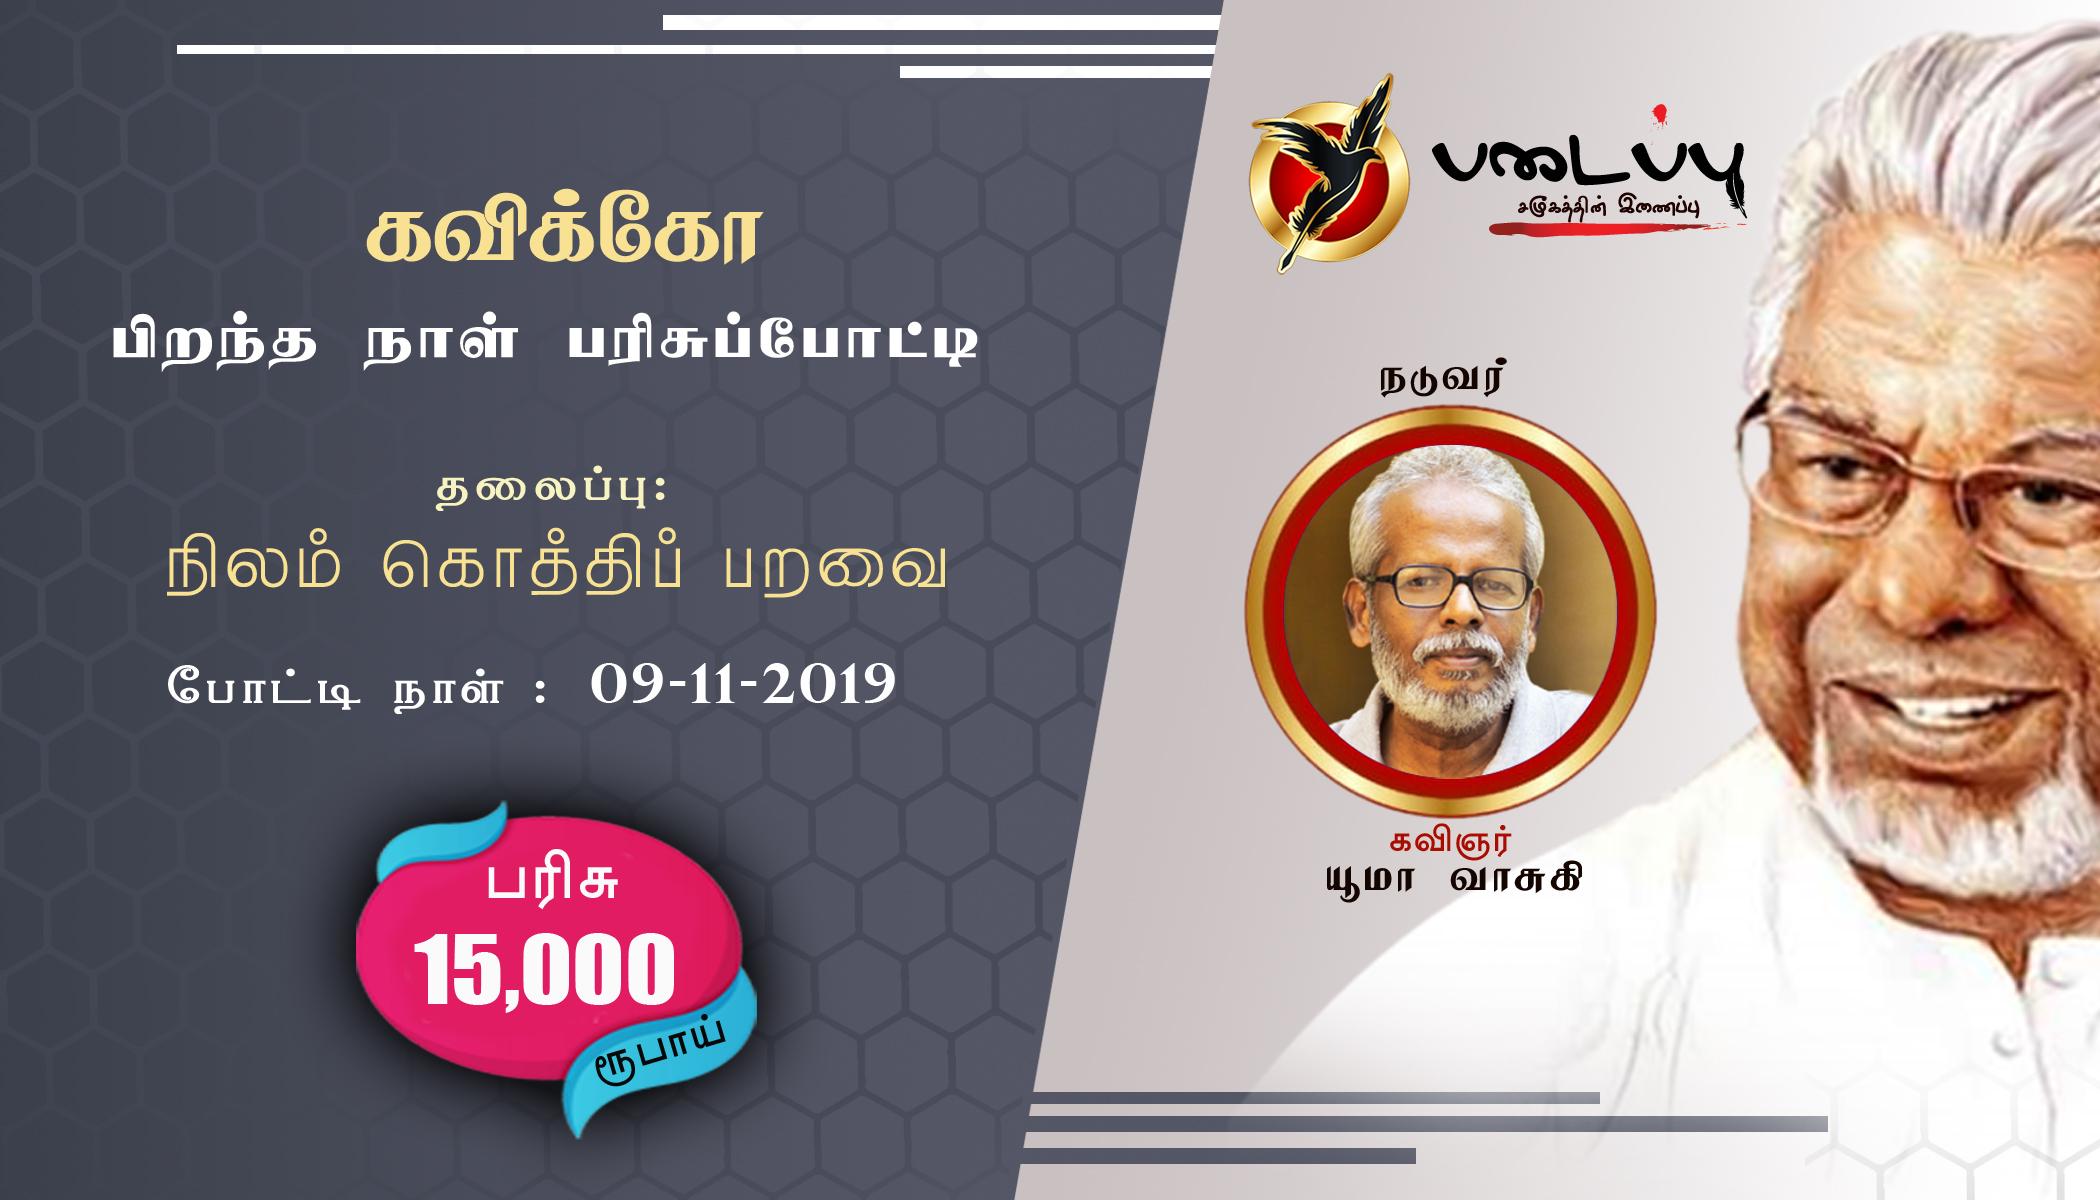 கவிக்கோ பிறந்தநாள் பரிசுப்போட்டி - 2019